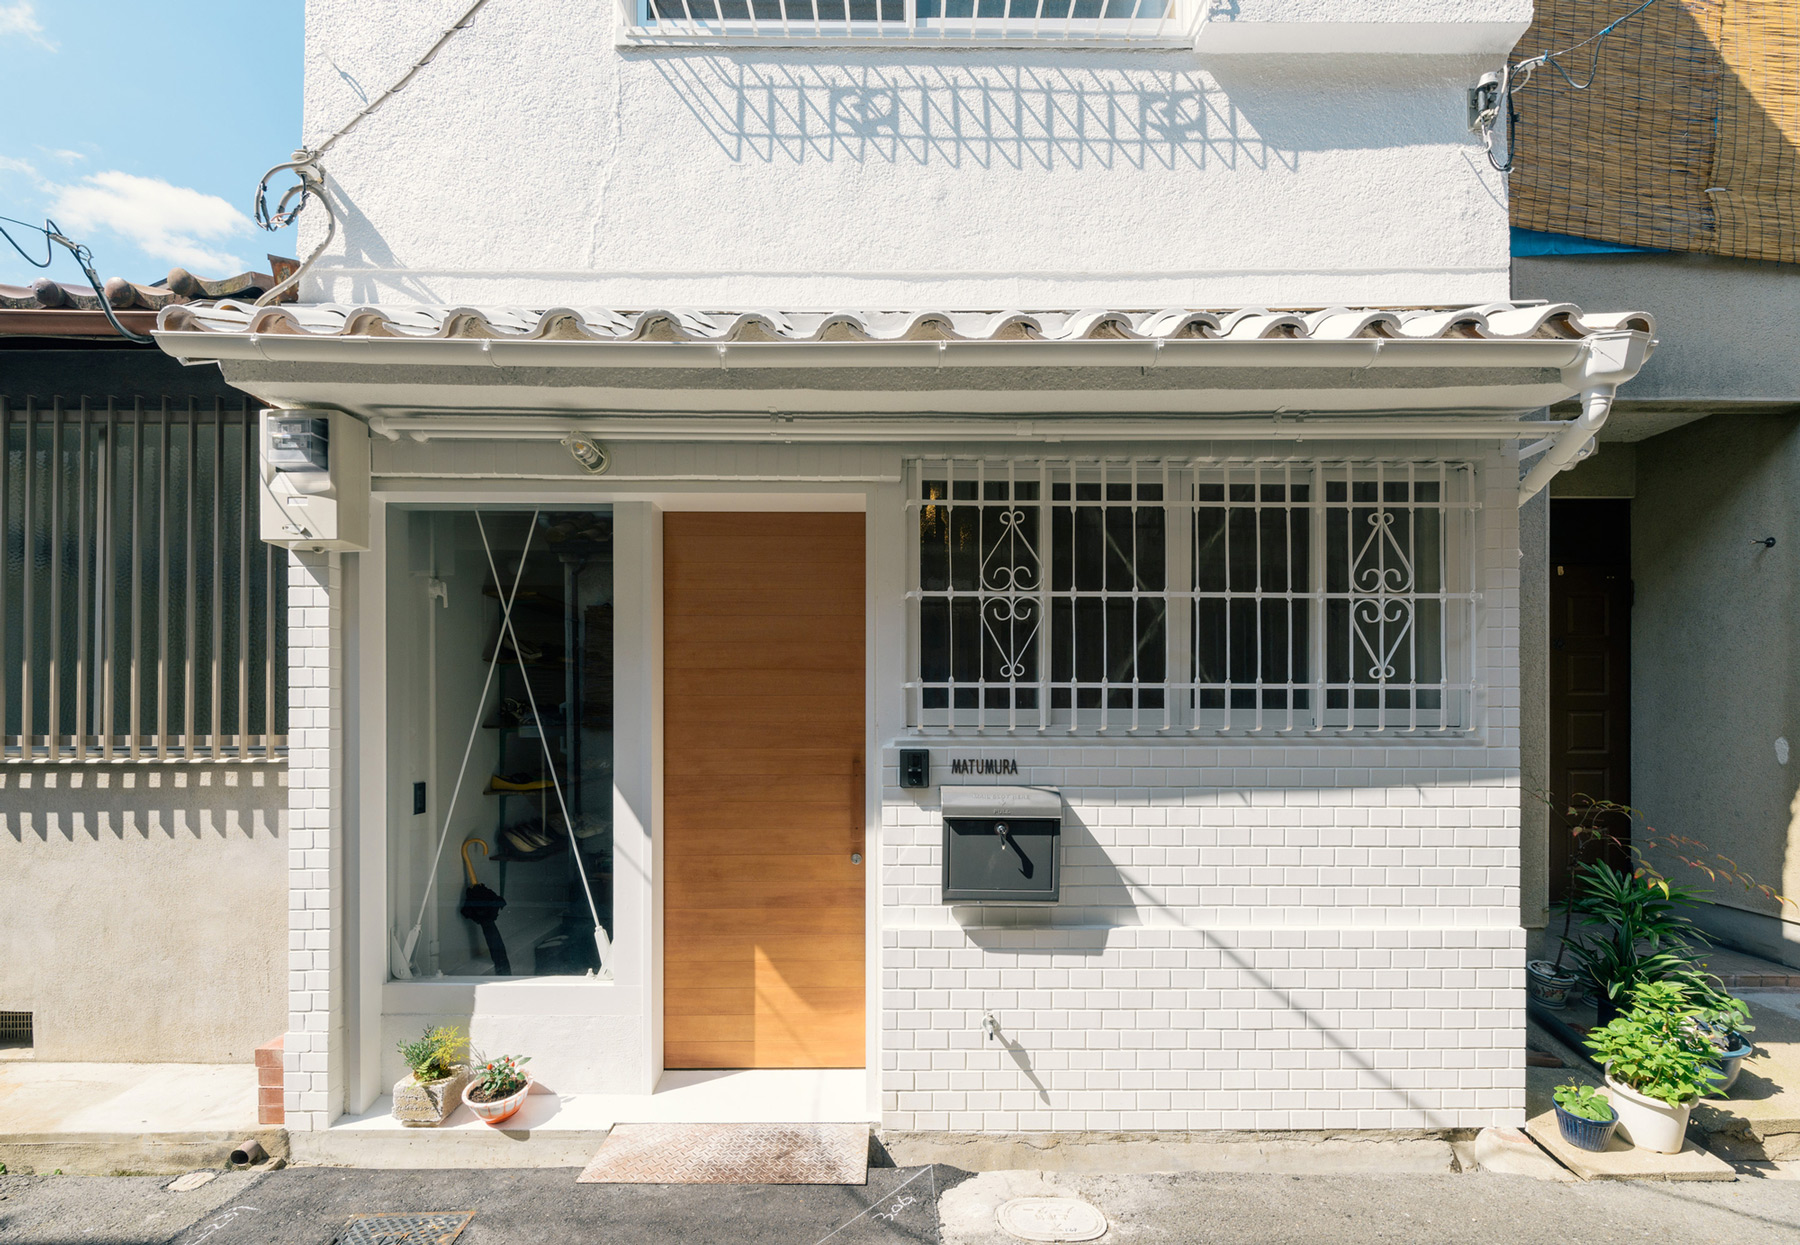 Re-Toyosaki / Coil Kazuteru Matumura Architects (23)